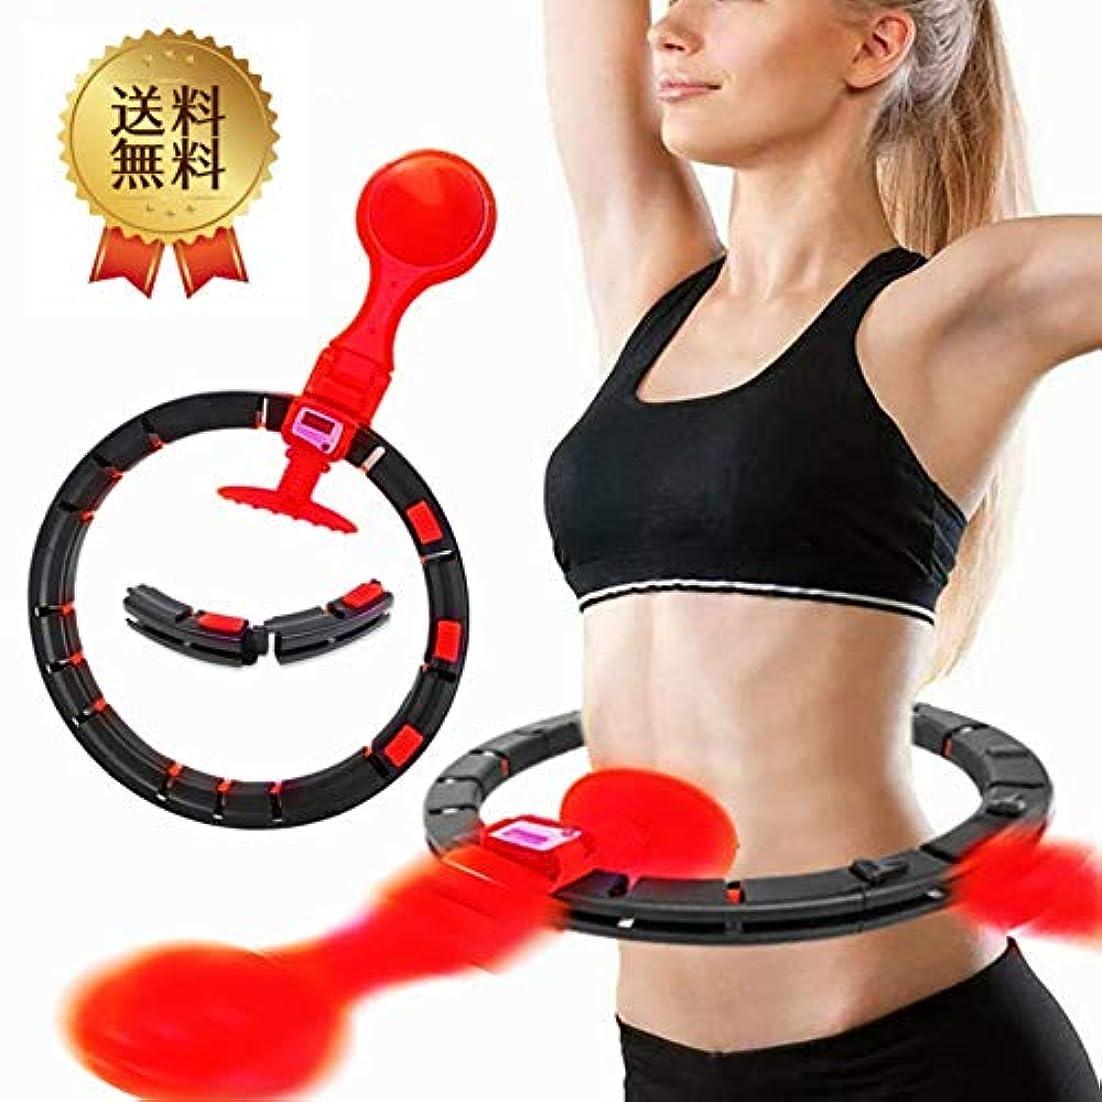 イタリックジェーンオースティンアダルトフラフープ スマートカウント 脂肪燃焼 ダイエット 腰部を鍛える 組立式 サイズ調整可能 フィットネス自動回転フープ トレーニング カロリー燃え 落ちないフラフープ